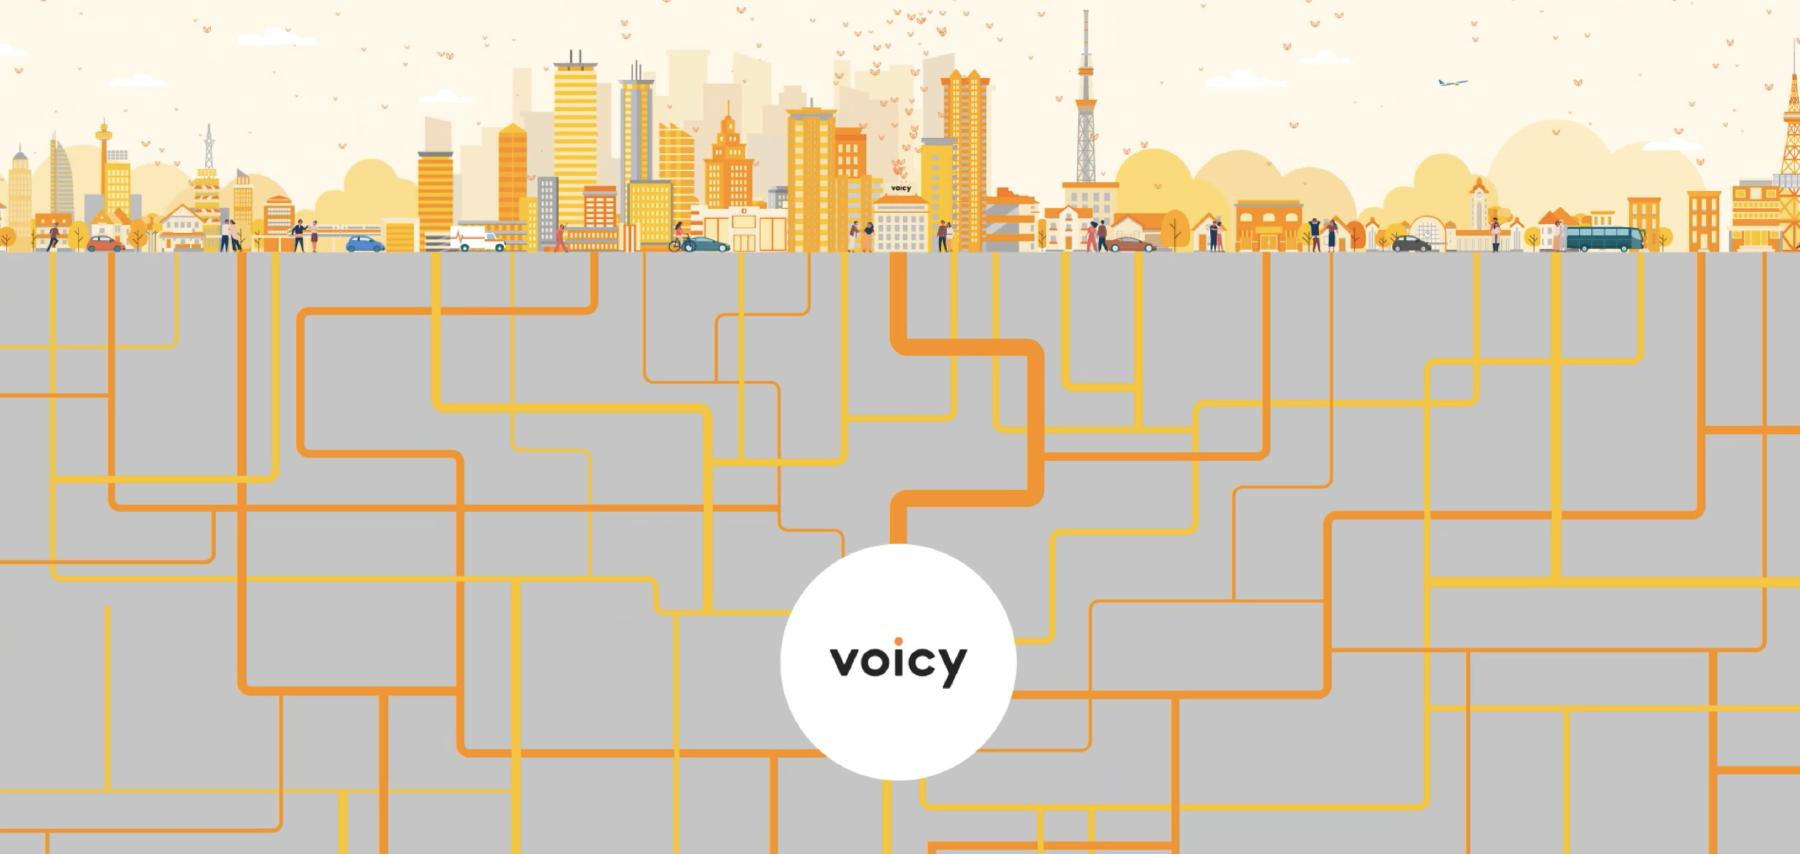 様々なIoT機器に音声を配信するインフラの開発